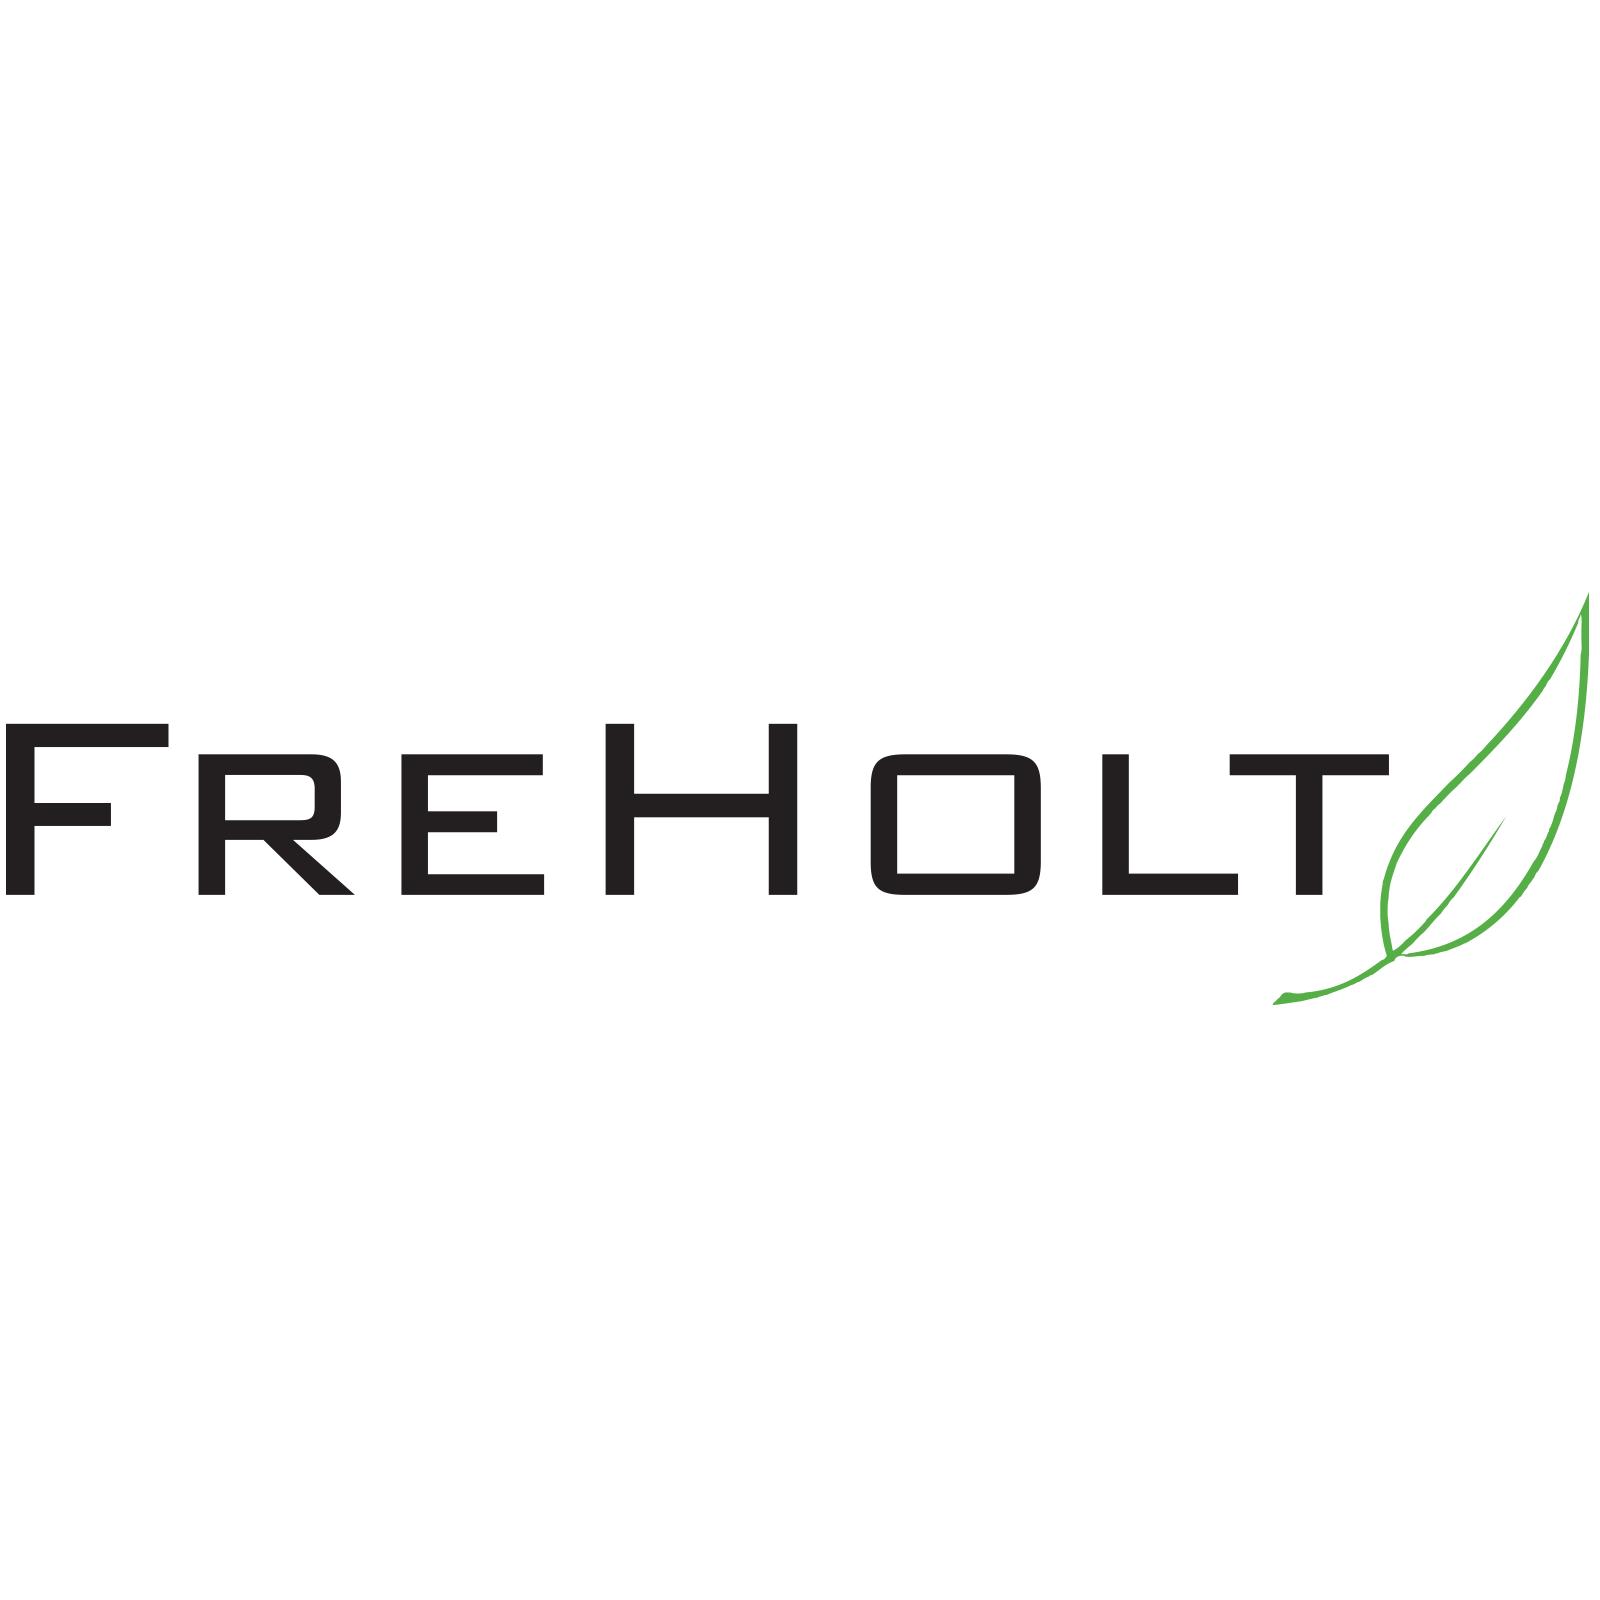 FREHOLT